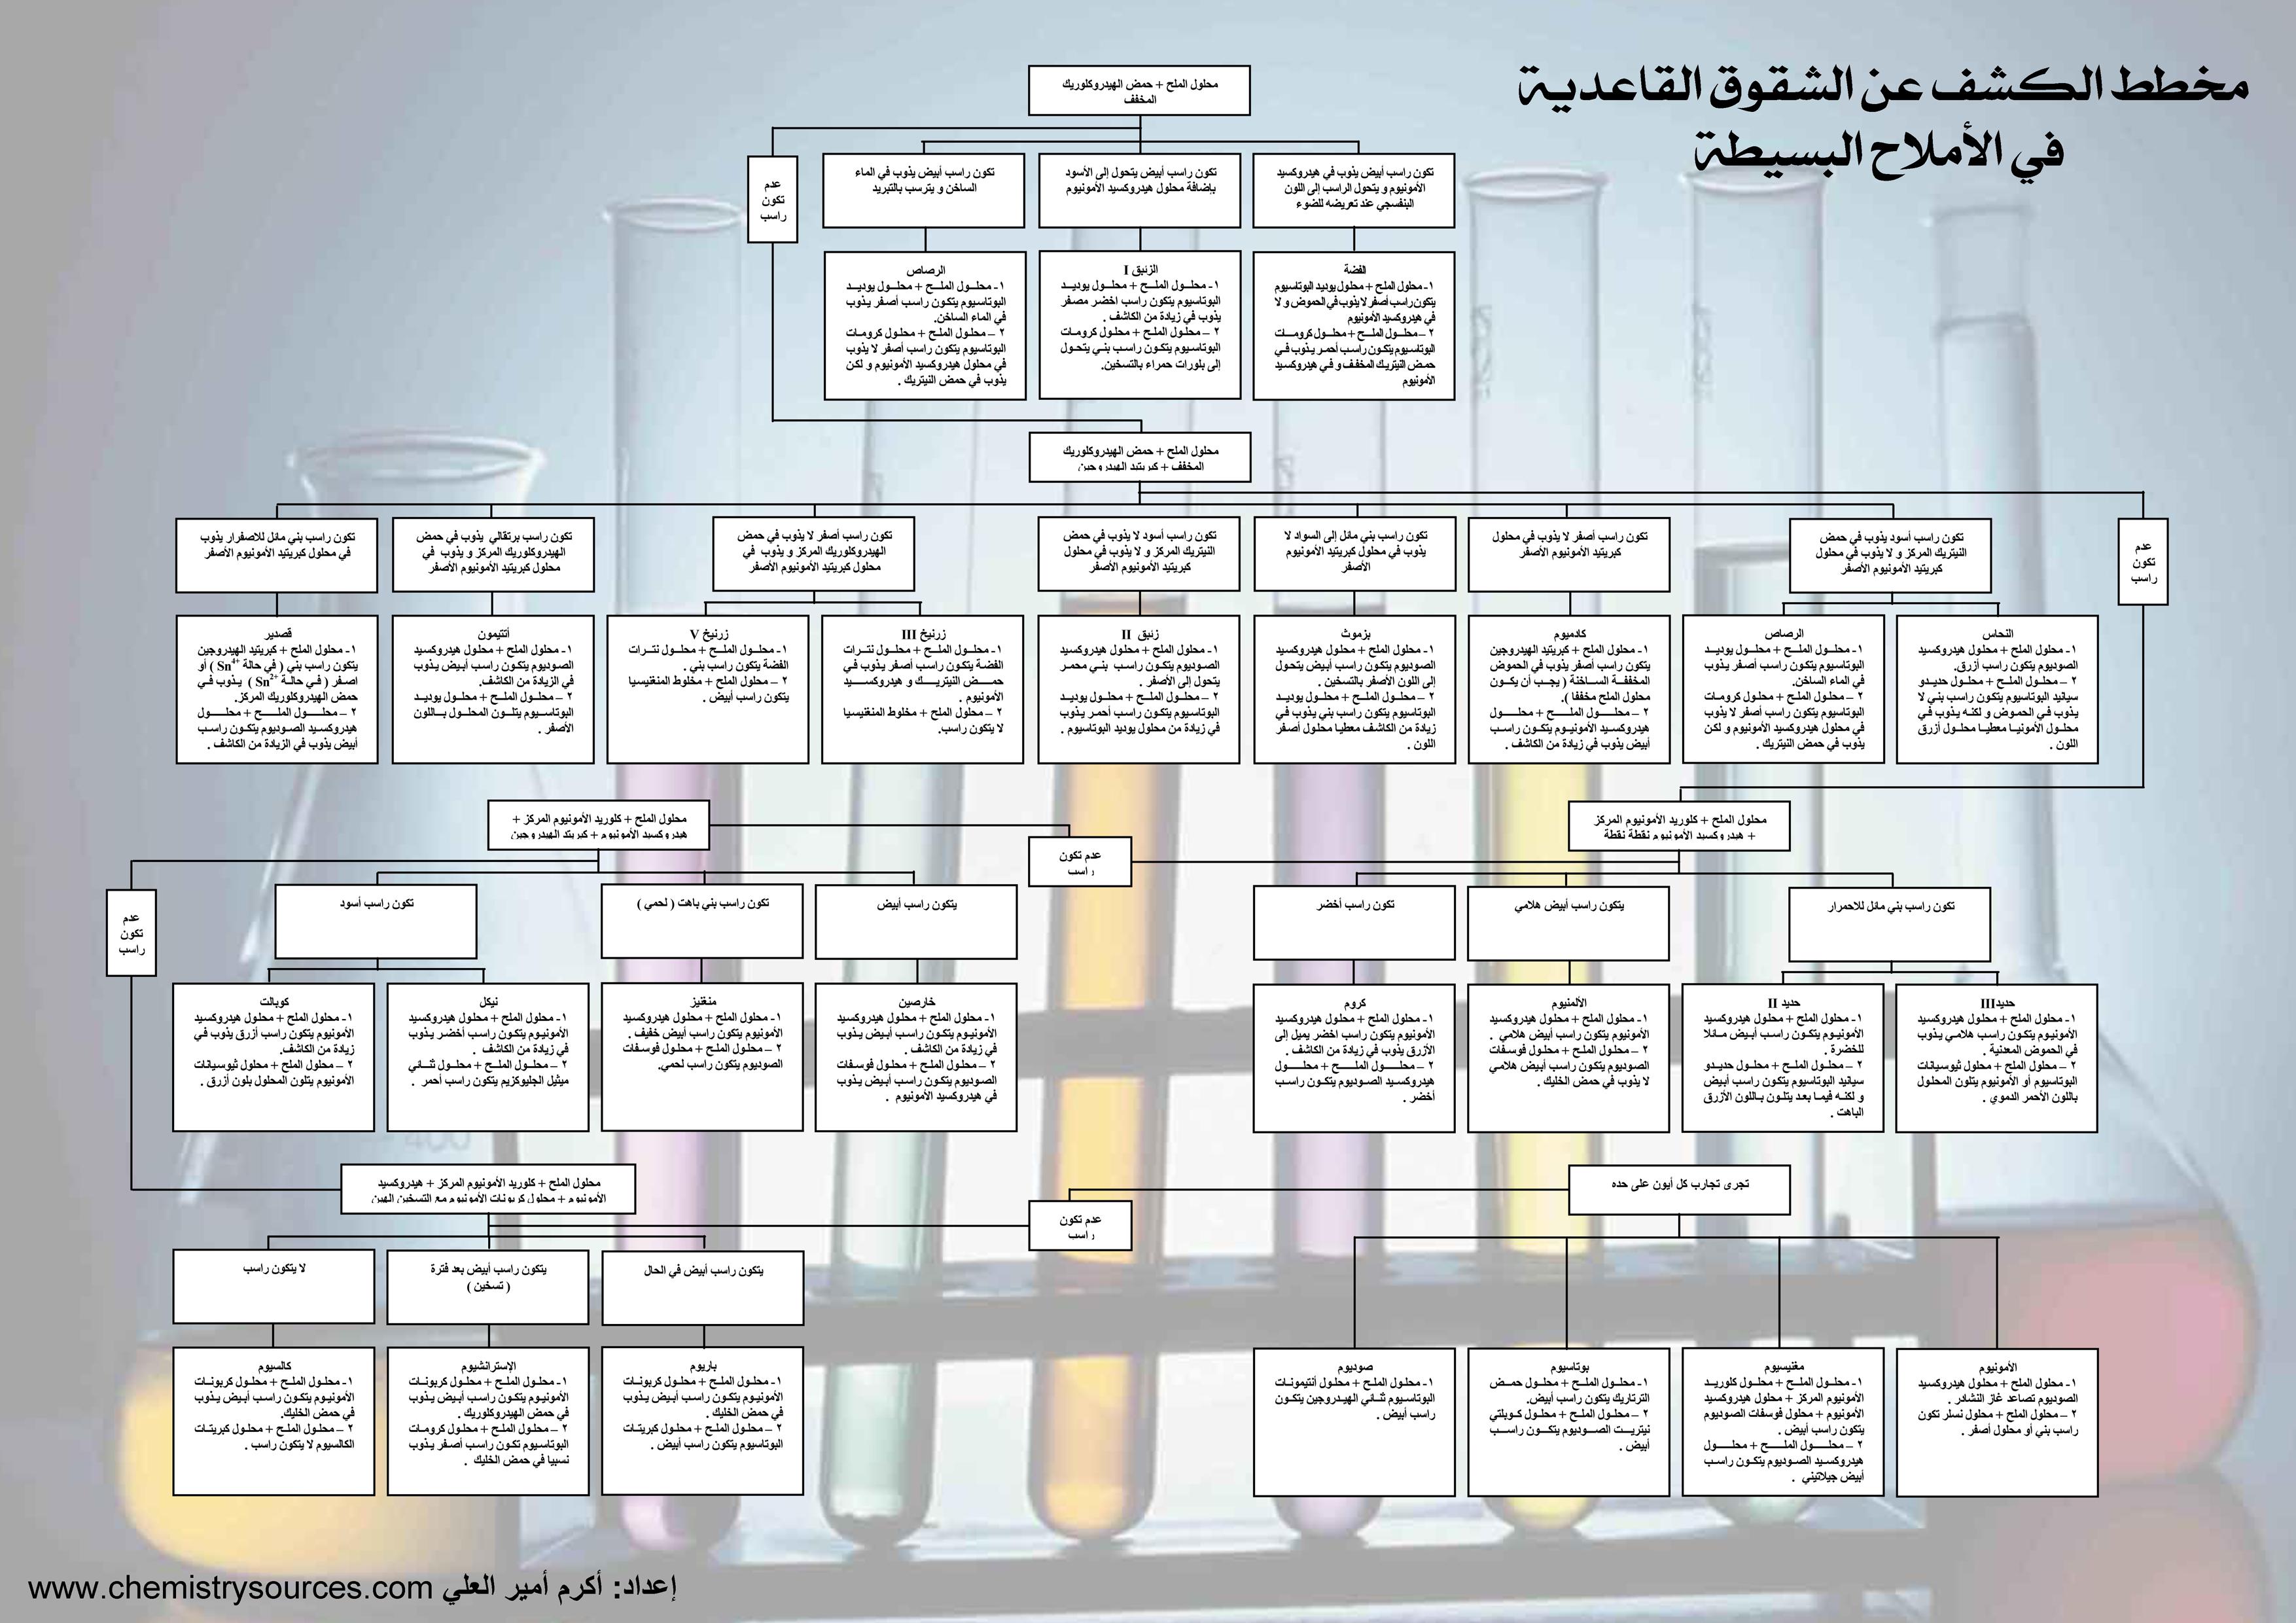 مخطط الكشف عن الشقوق القاعدية